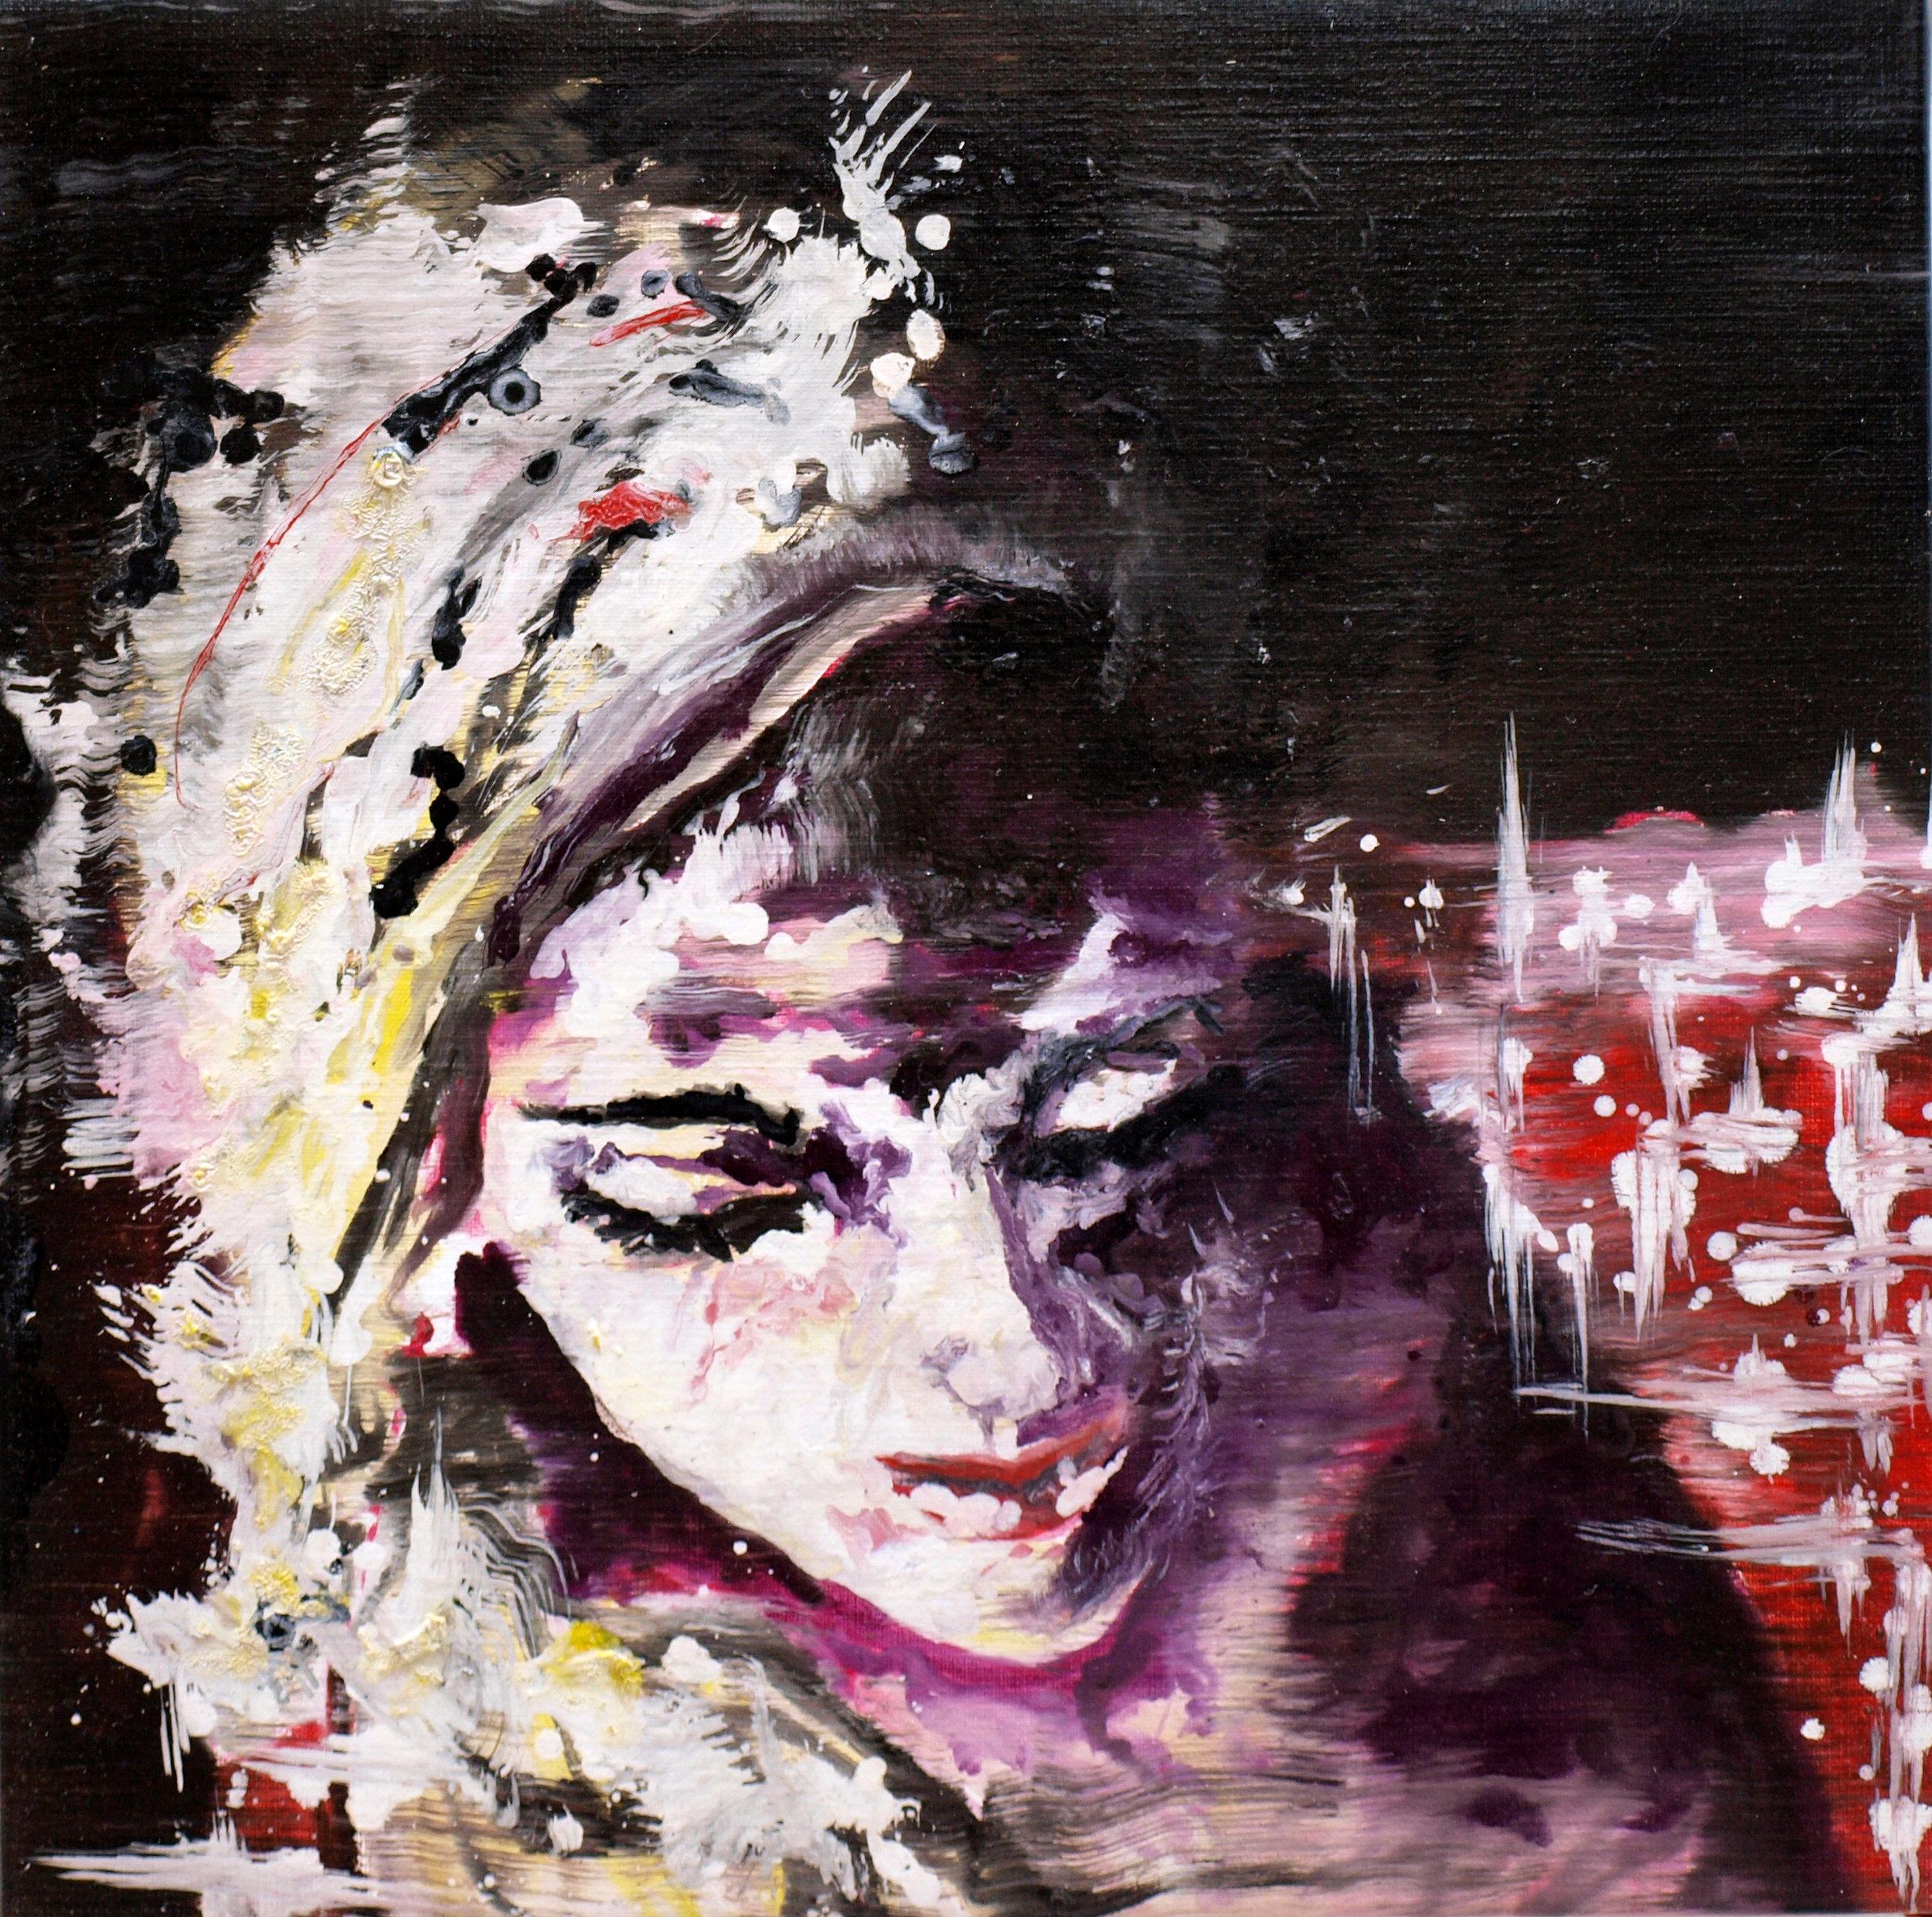 """""""Renaissance circus VII"""" oil on linen 50x50 cm 2012 ollection HNA Company, New York City, Shanghai"""